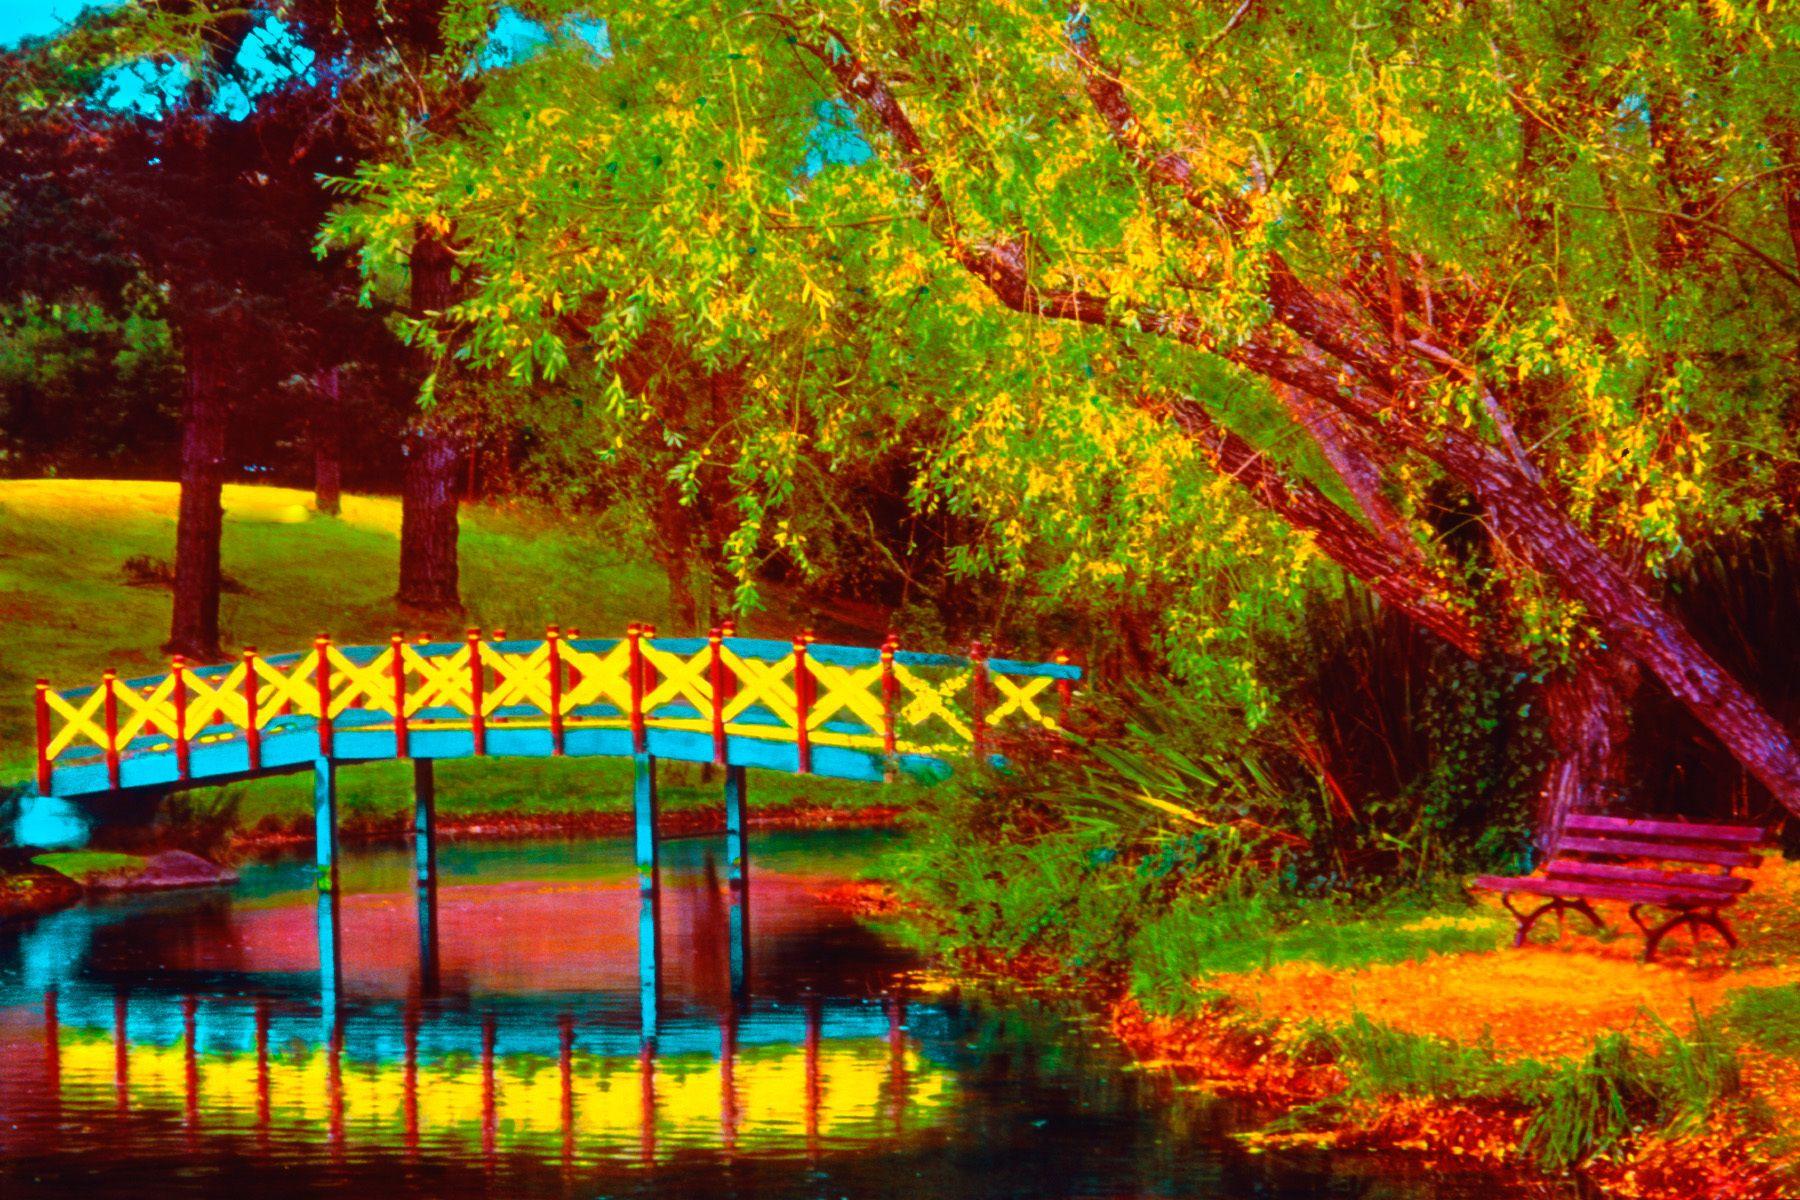 15_0_157_1l_gottlieb_bridge_.jpg